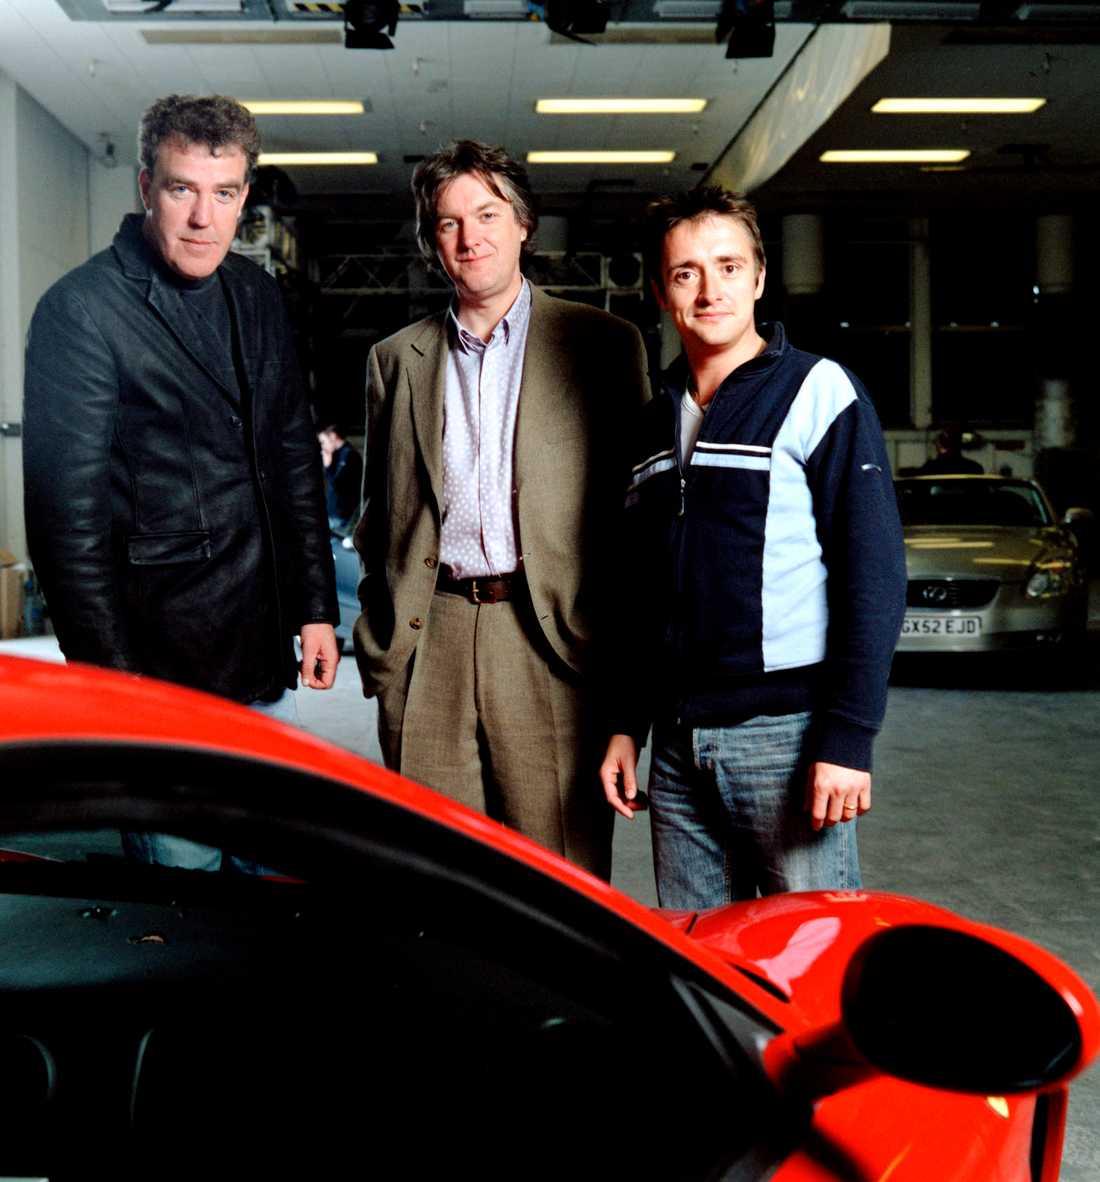 """""""Top gear"""" sändes första gången 1977 men gjordes om 2002 och blev oerhört populärt under ledning av Jeremy Clarkson, James May och Richard Hammond."""